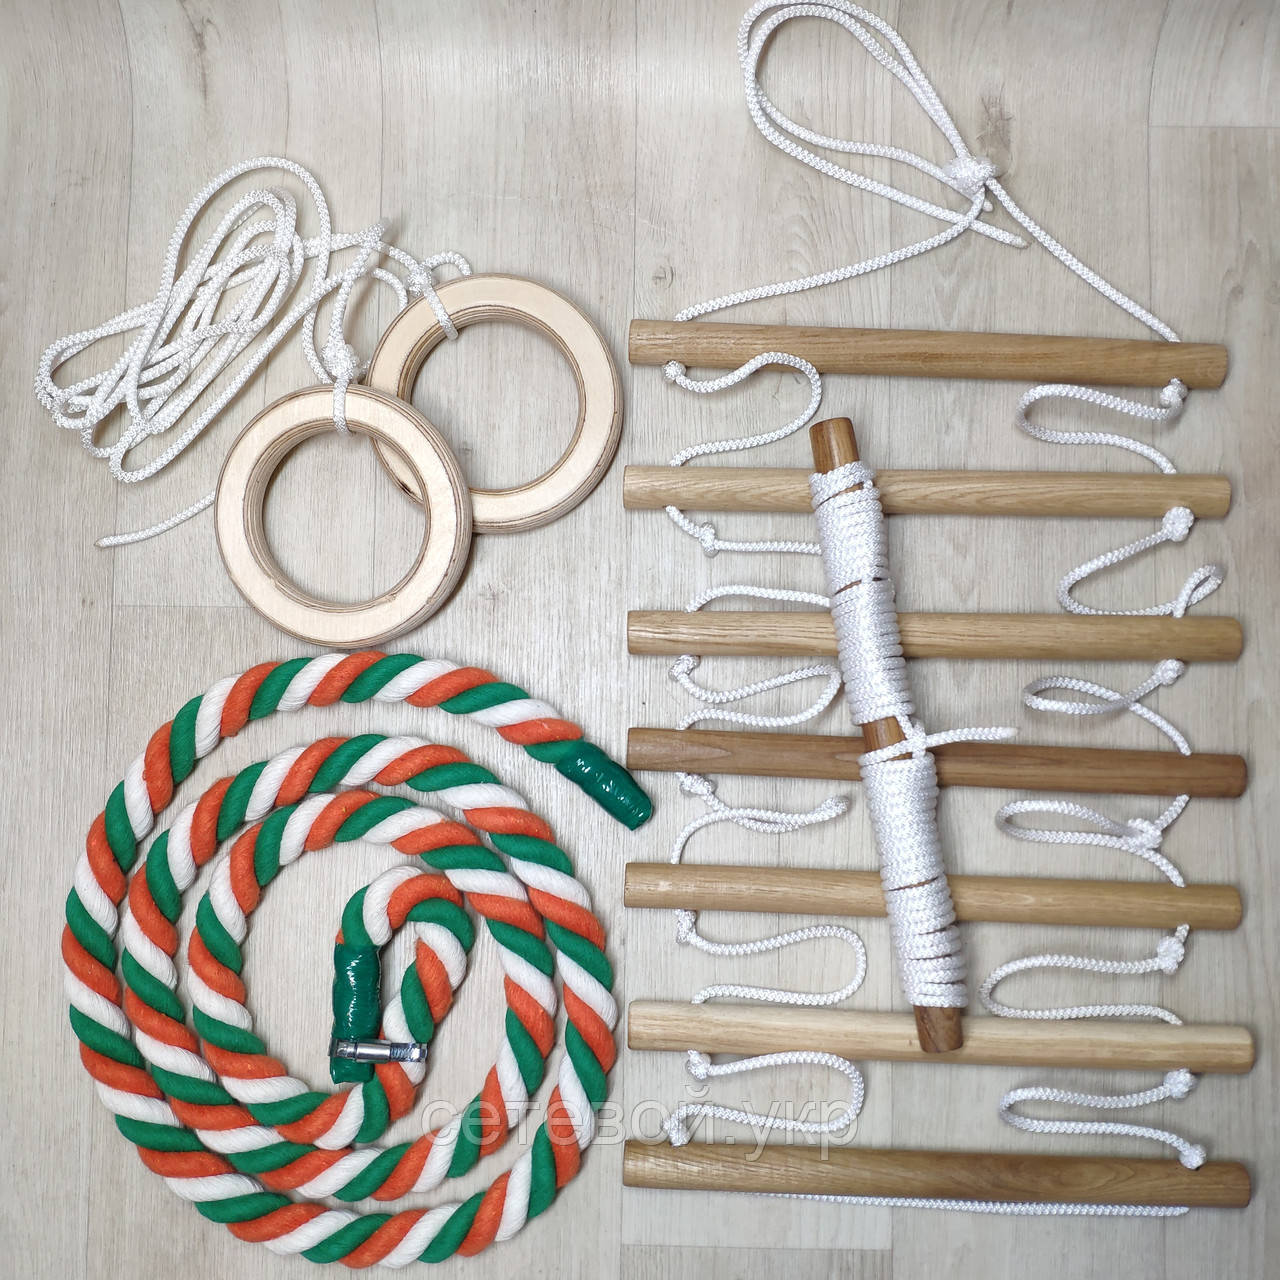 Набор детский белый  для шведской стенки Канат (хб радуга) Кольца, Лестница, Трапеция